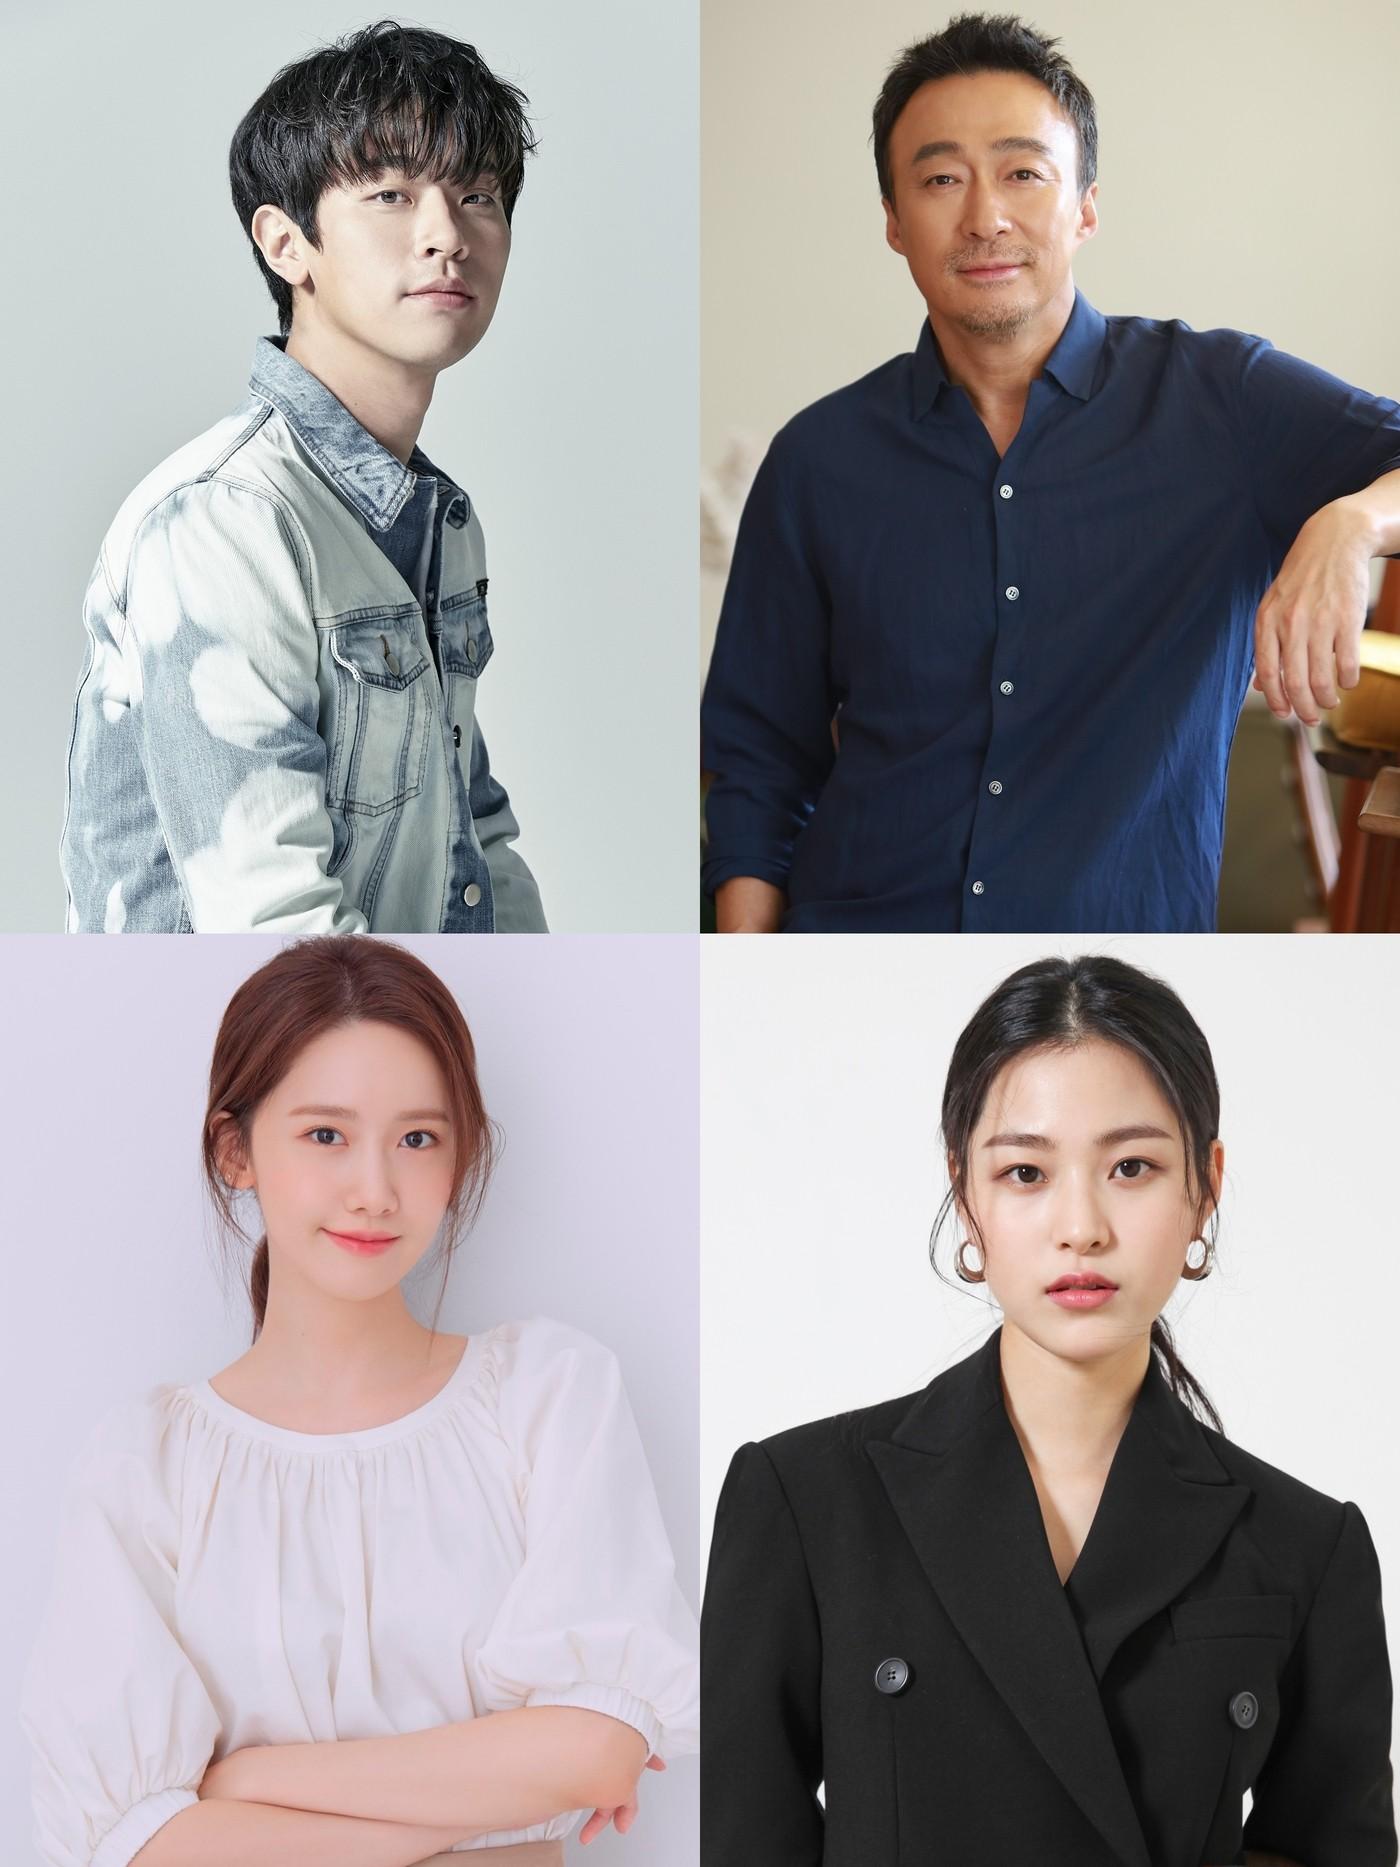 '기적' 박정민X이성민X임윤아 캐스팅 확정…지난 2일 첫 촬영